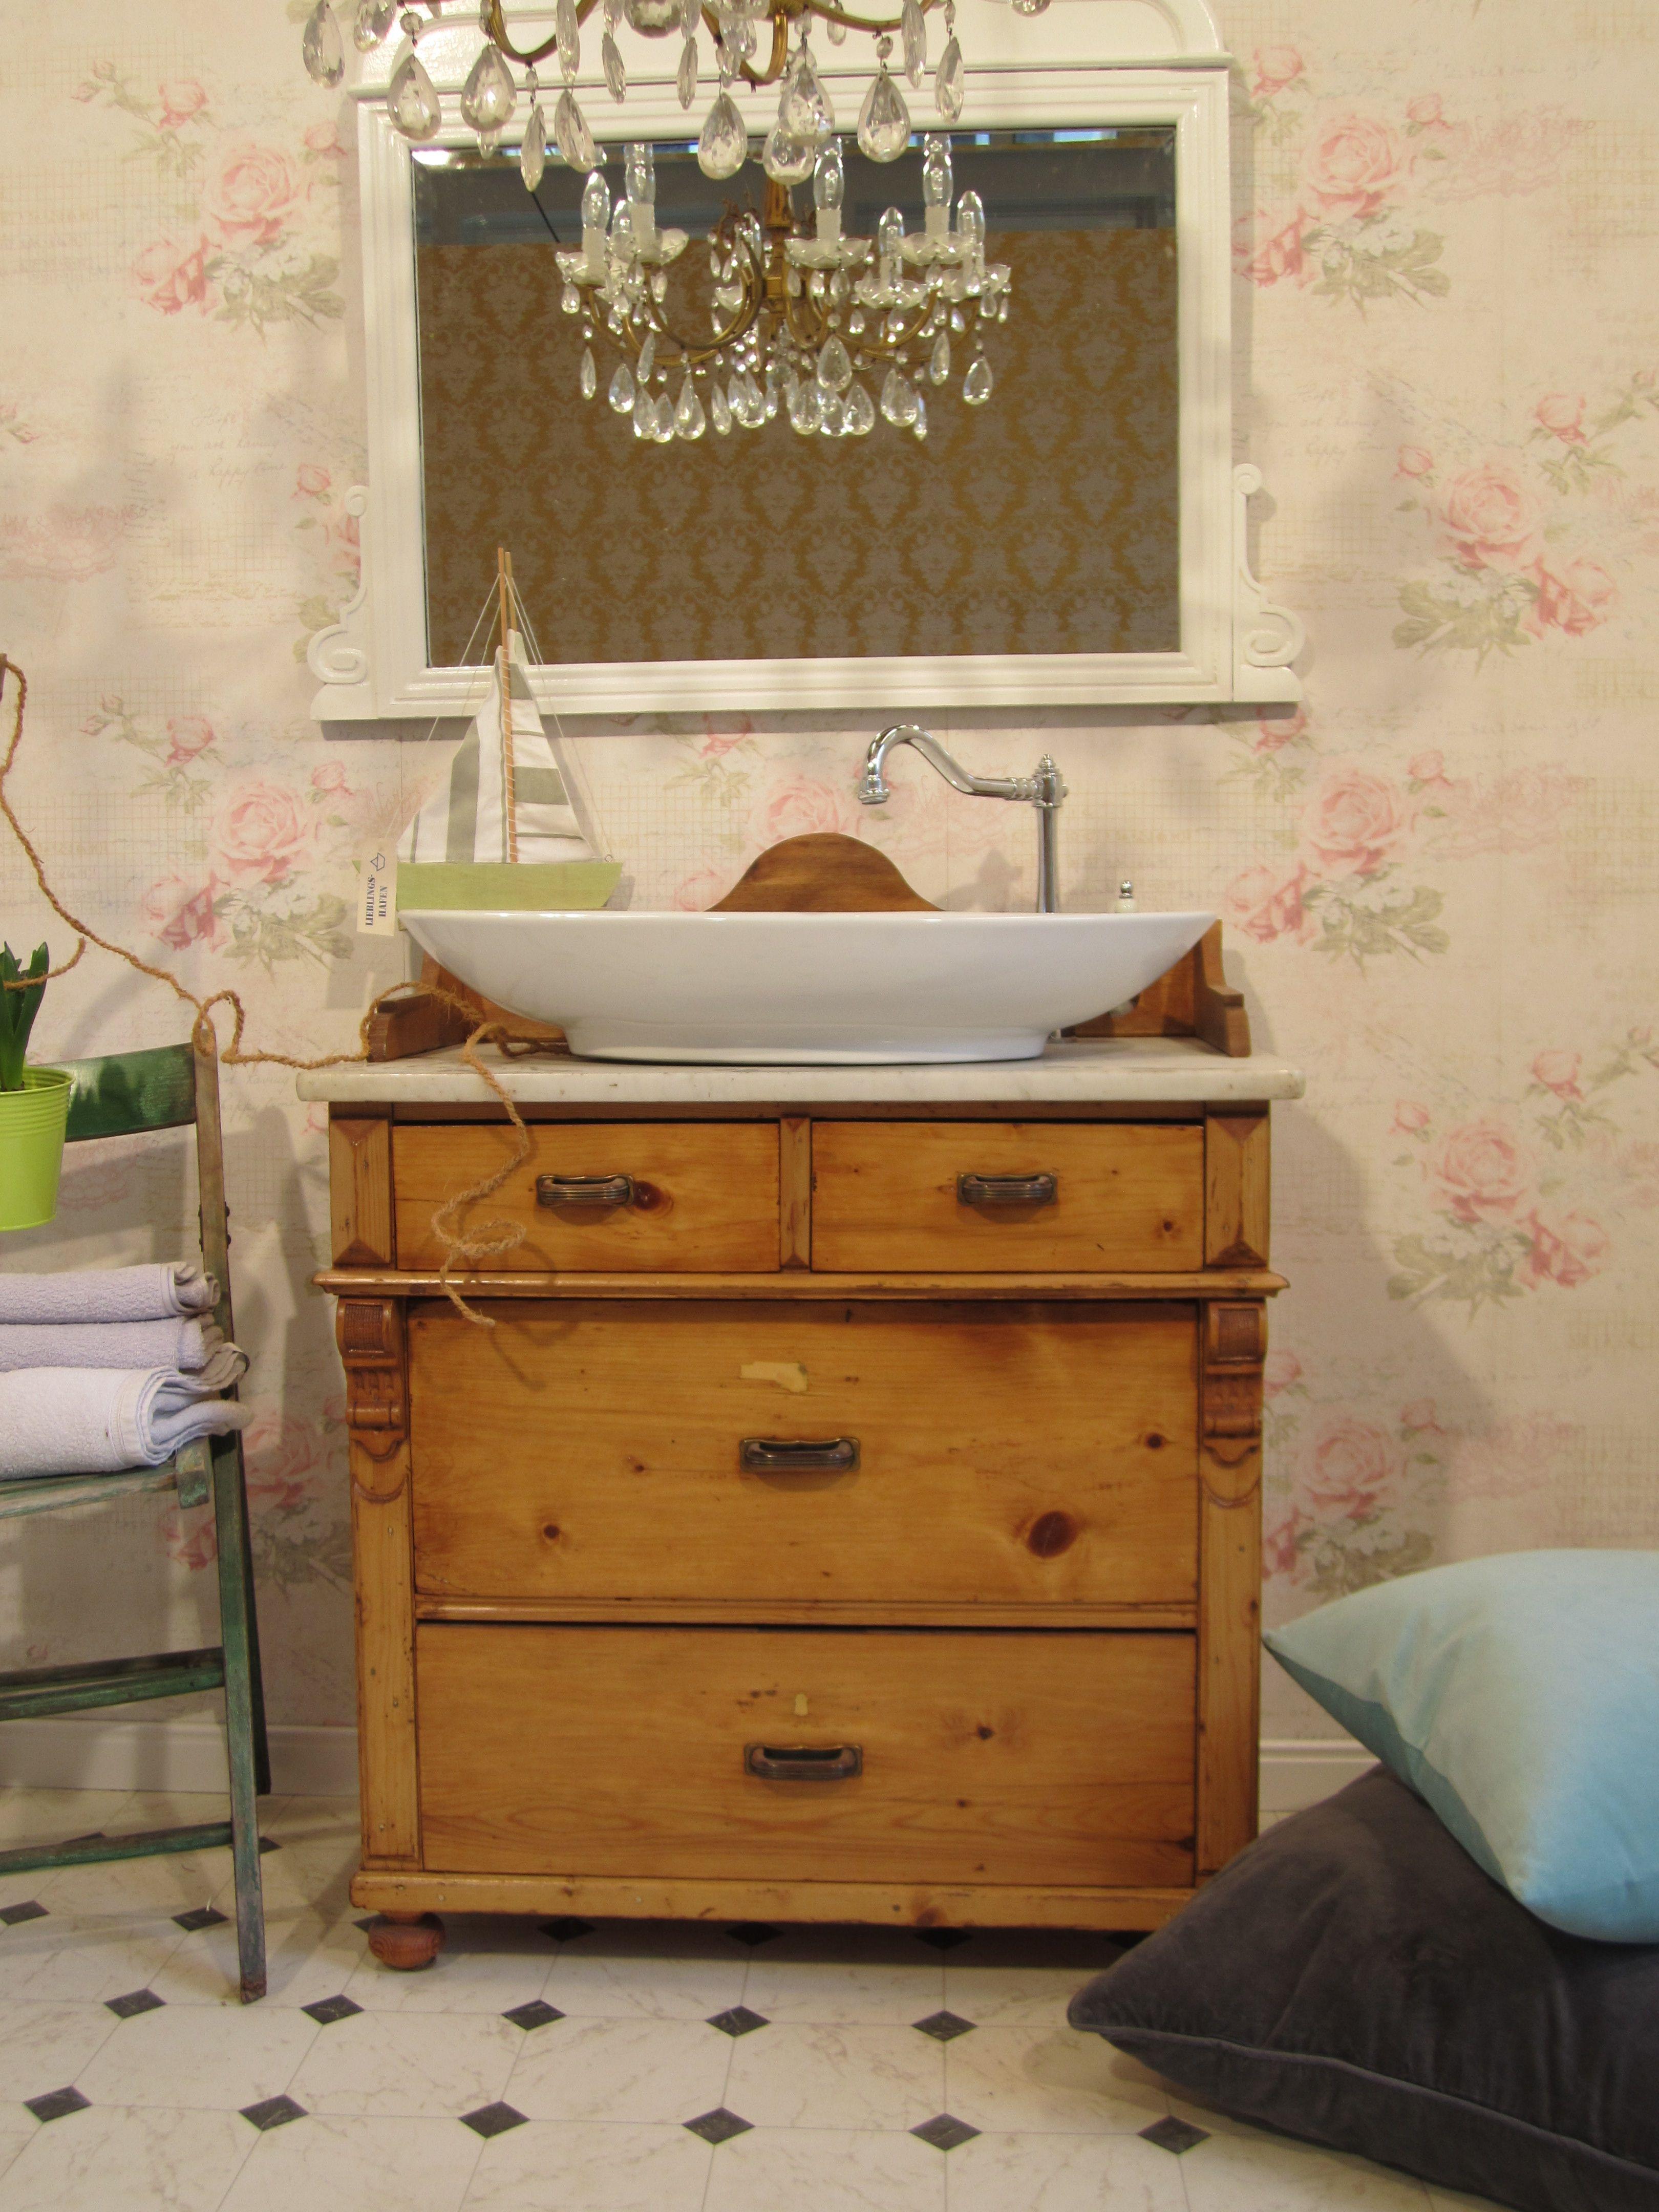 AuBergewohnlich Badmöbel Landhaus   Laufen Sie Mit Diesem Waschtisch Im Landhausstil In  Ihren Persönlichen Heimathafen Ein!